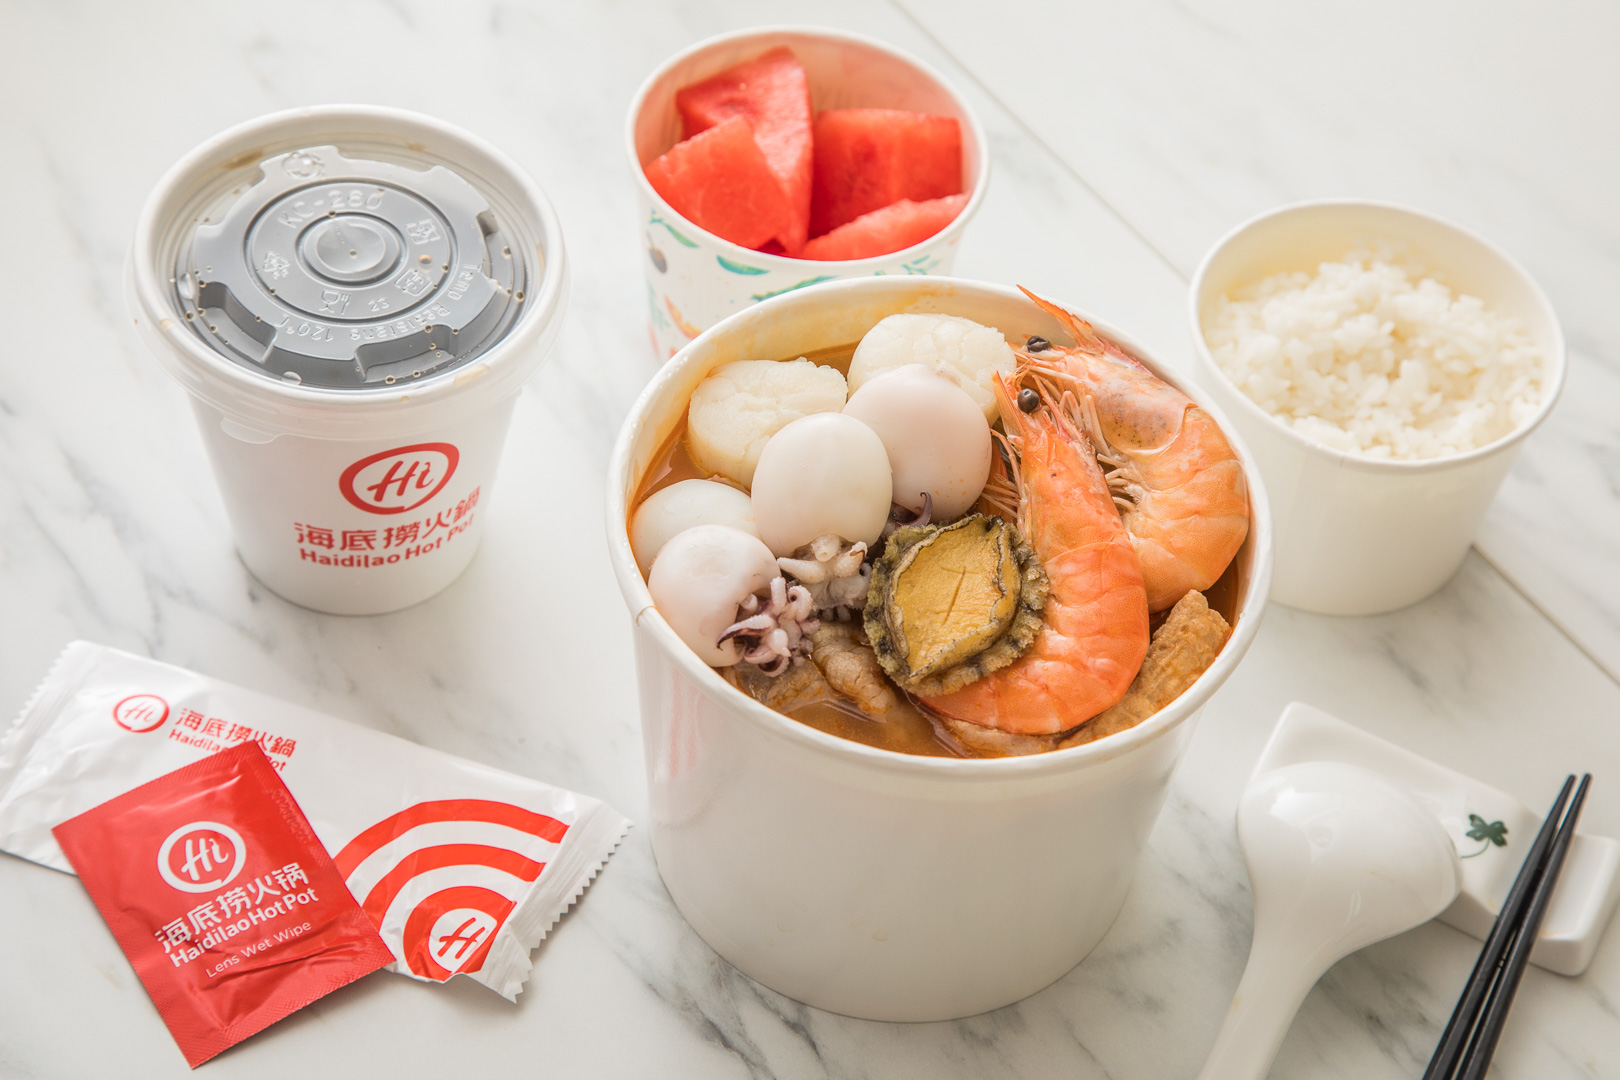 這作弊吧!擺鮑魚、鮮蝦、大干貝個人鍋可以這樣搞喔!海底撈終極2.0版海陸撈撈鍋!